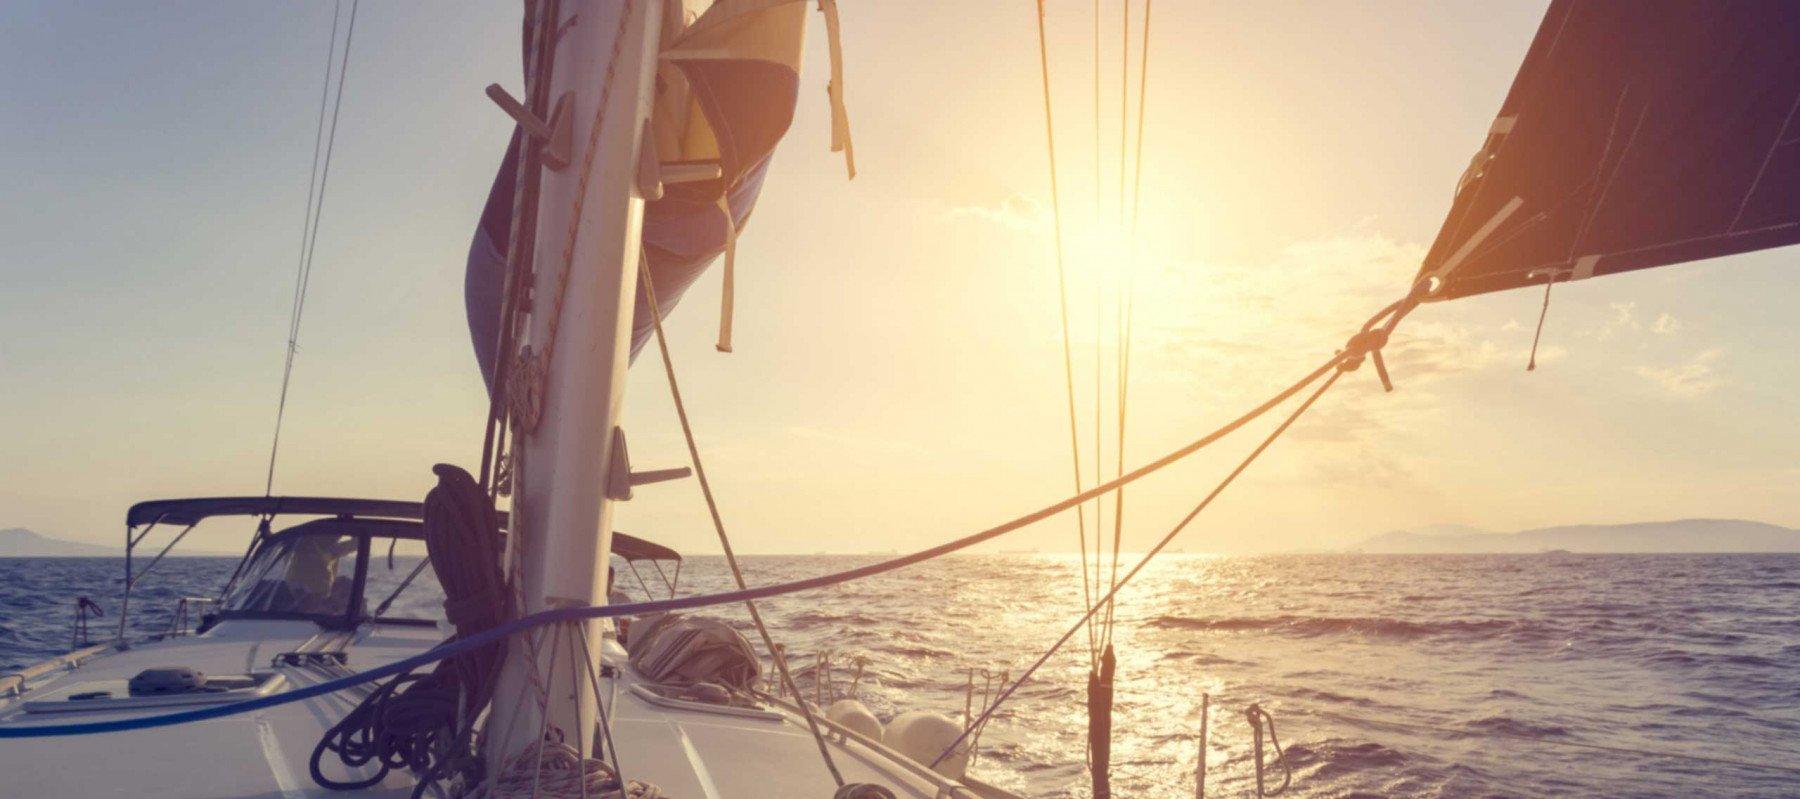 En segelbåt som seglar på ett öppet hav